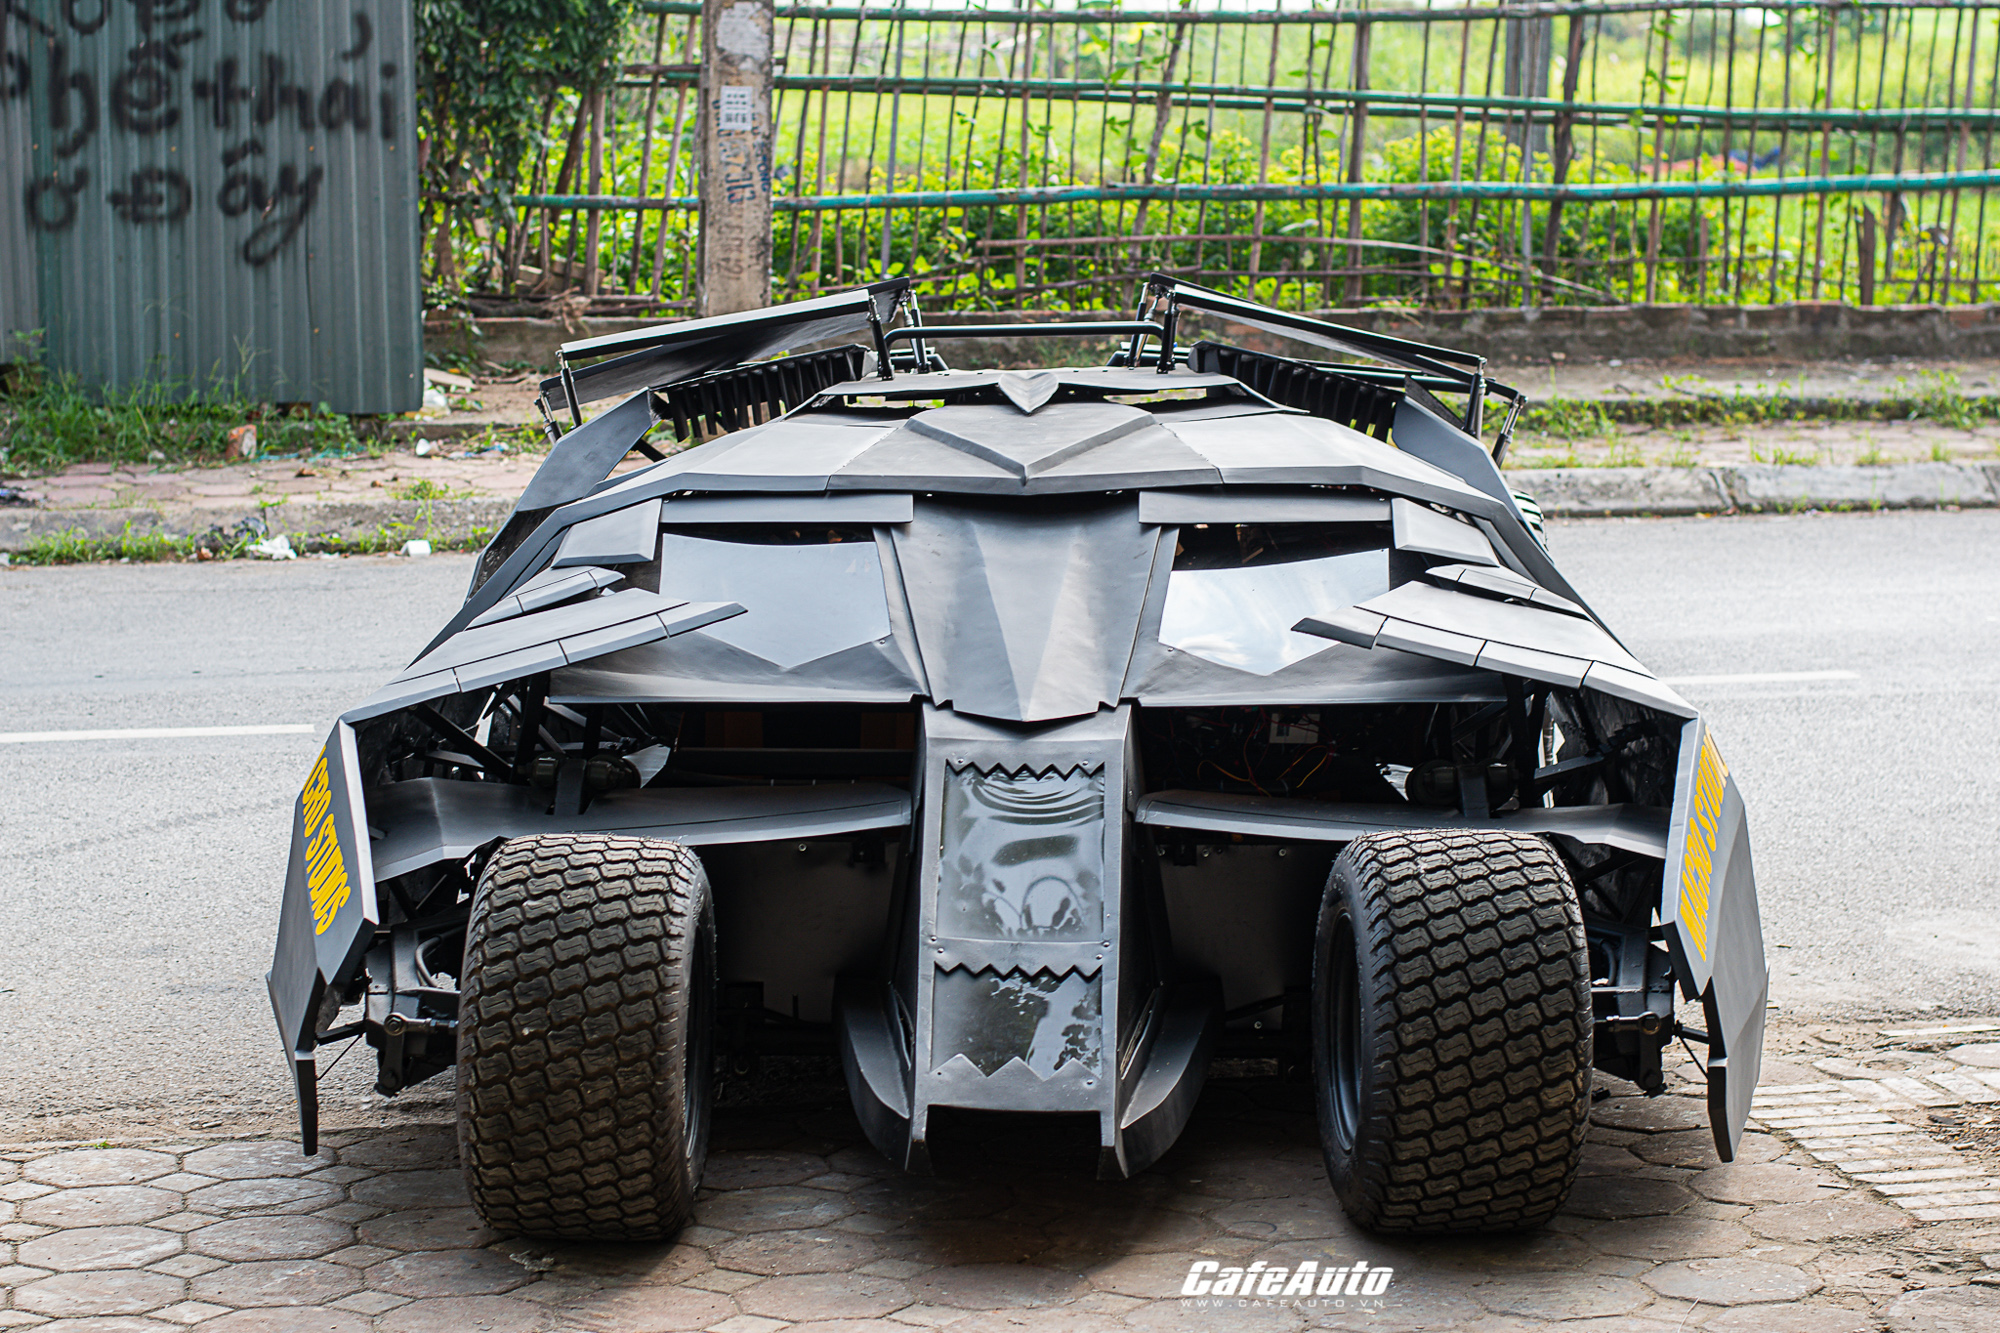 batmobiletuche-cafeautovn-17